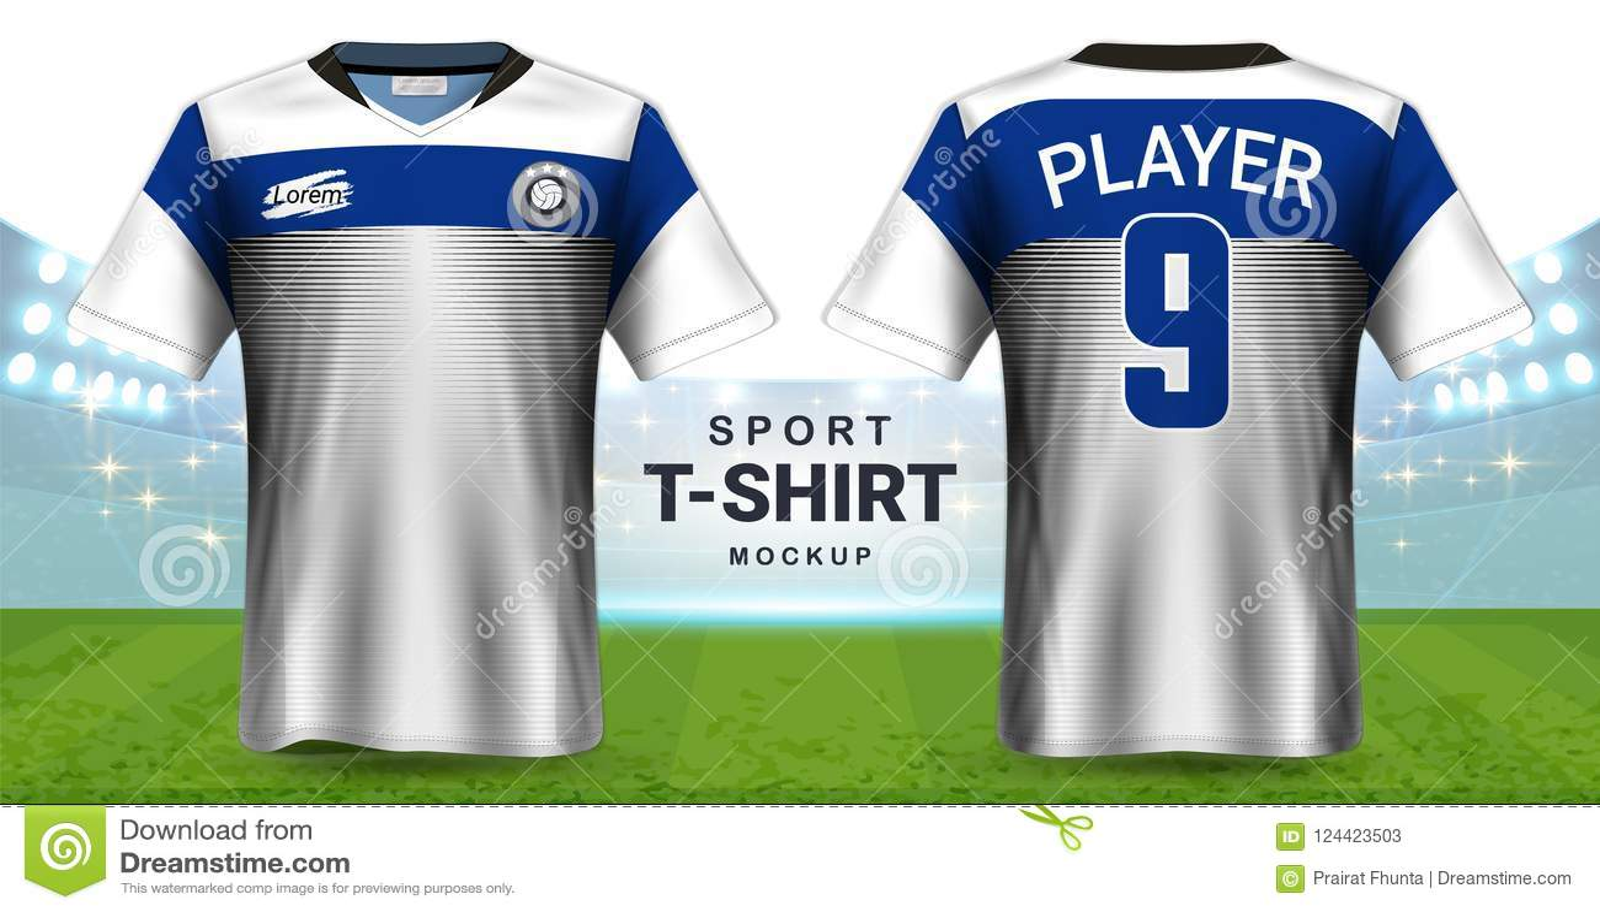 Jersey de fútbol y plantilla de la maqueta de la camiseta de la ropa de deportes, opinión delantera y trasera del diseño gráfico